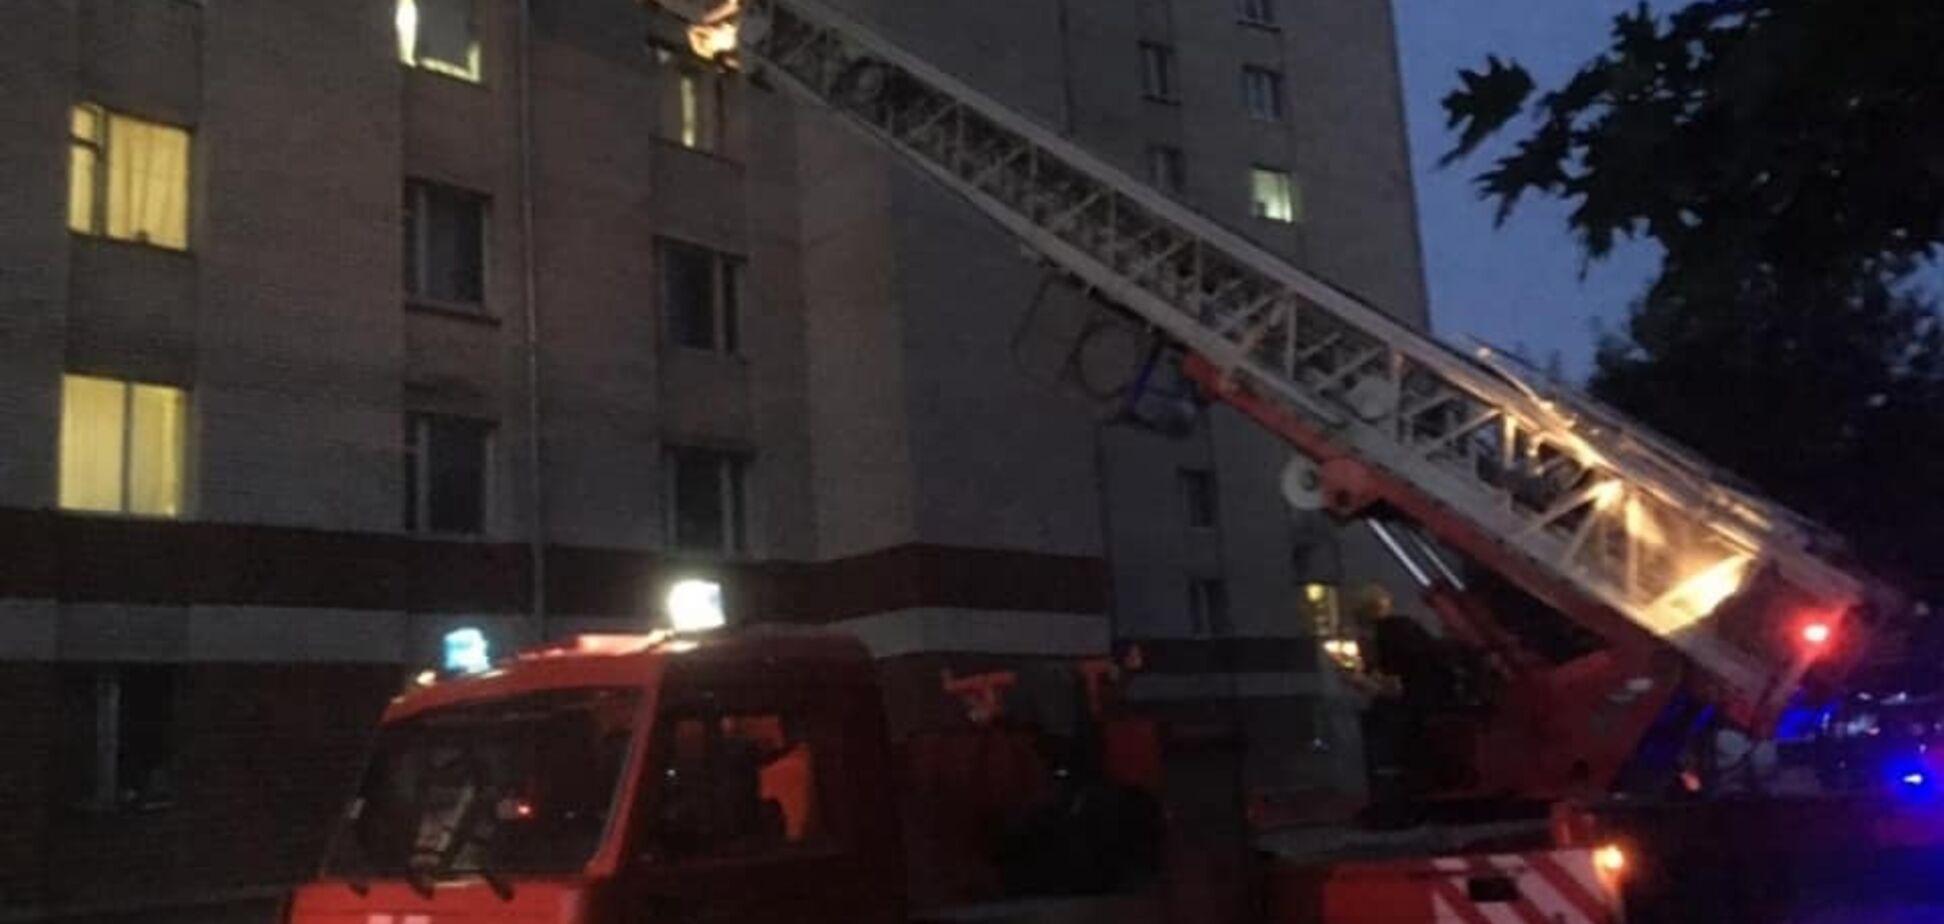 В Івано-Франківську загорілася кімната в гуртожитку: десятки студентів були евакуйовані